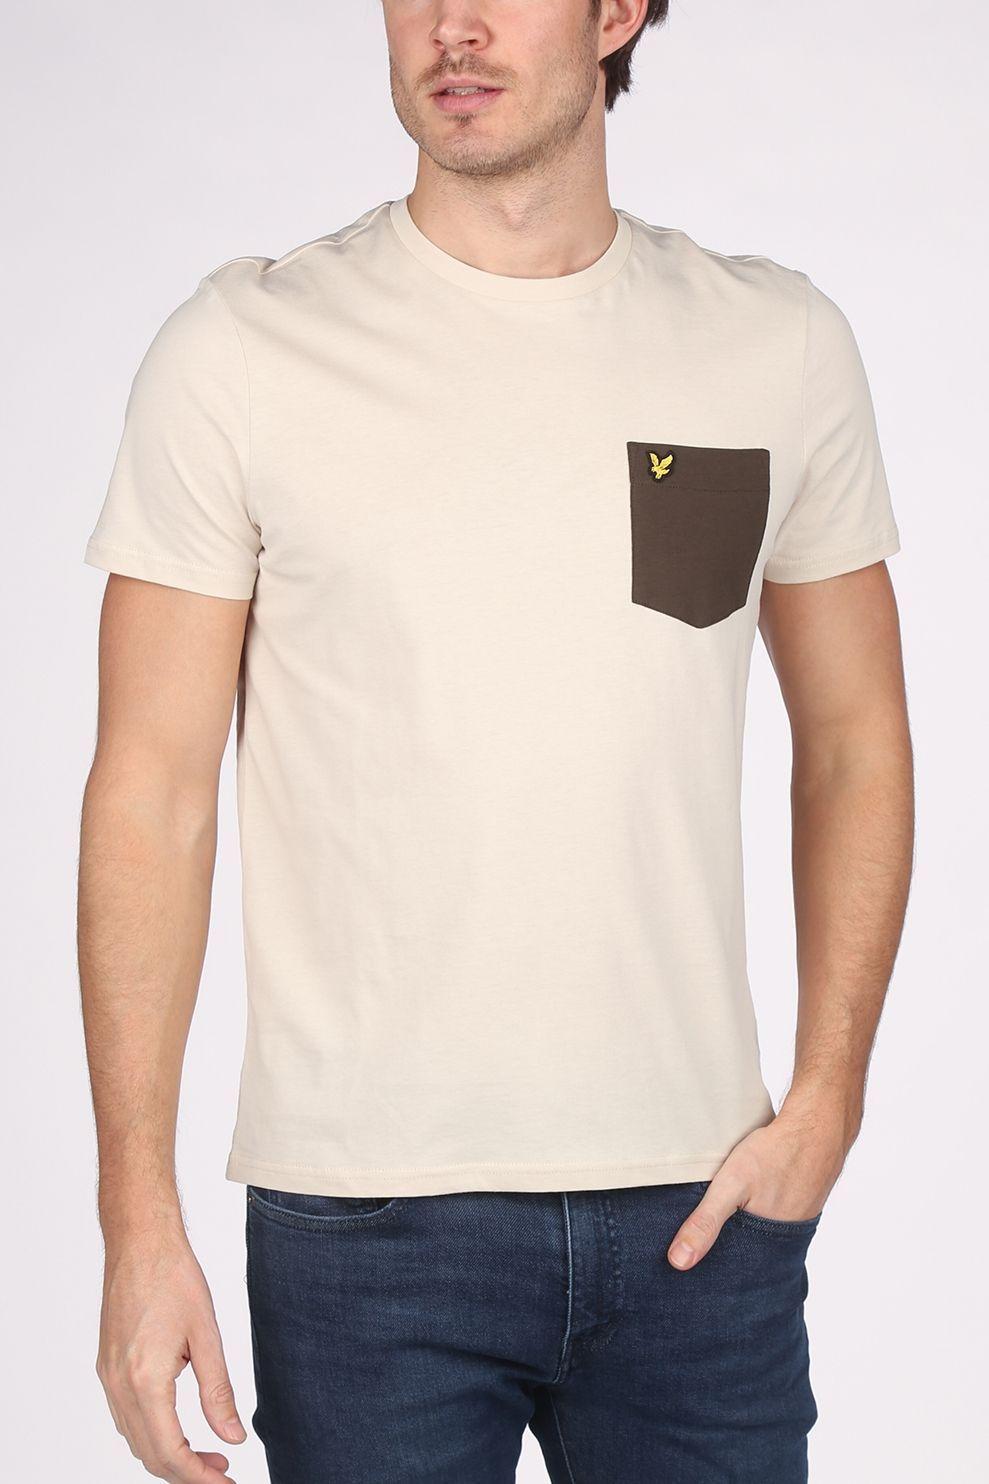 Lyle & Scott T-Shirt Ts831 voor heren - Bruin/DonkerGroen - Maten: XS, S, M, L, XL